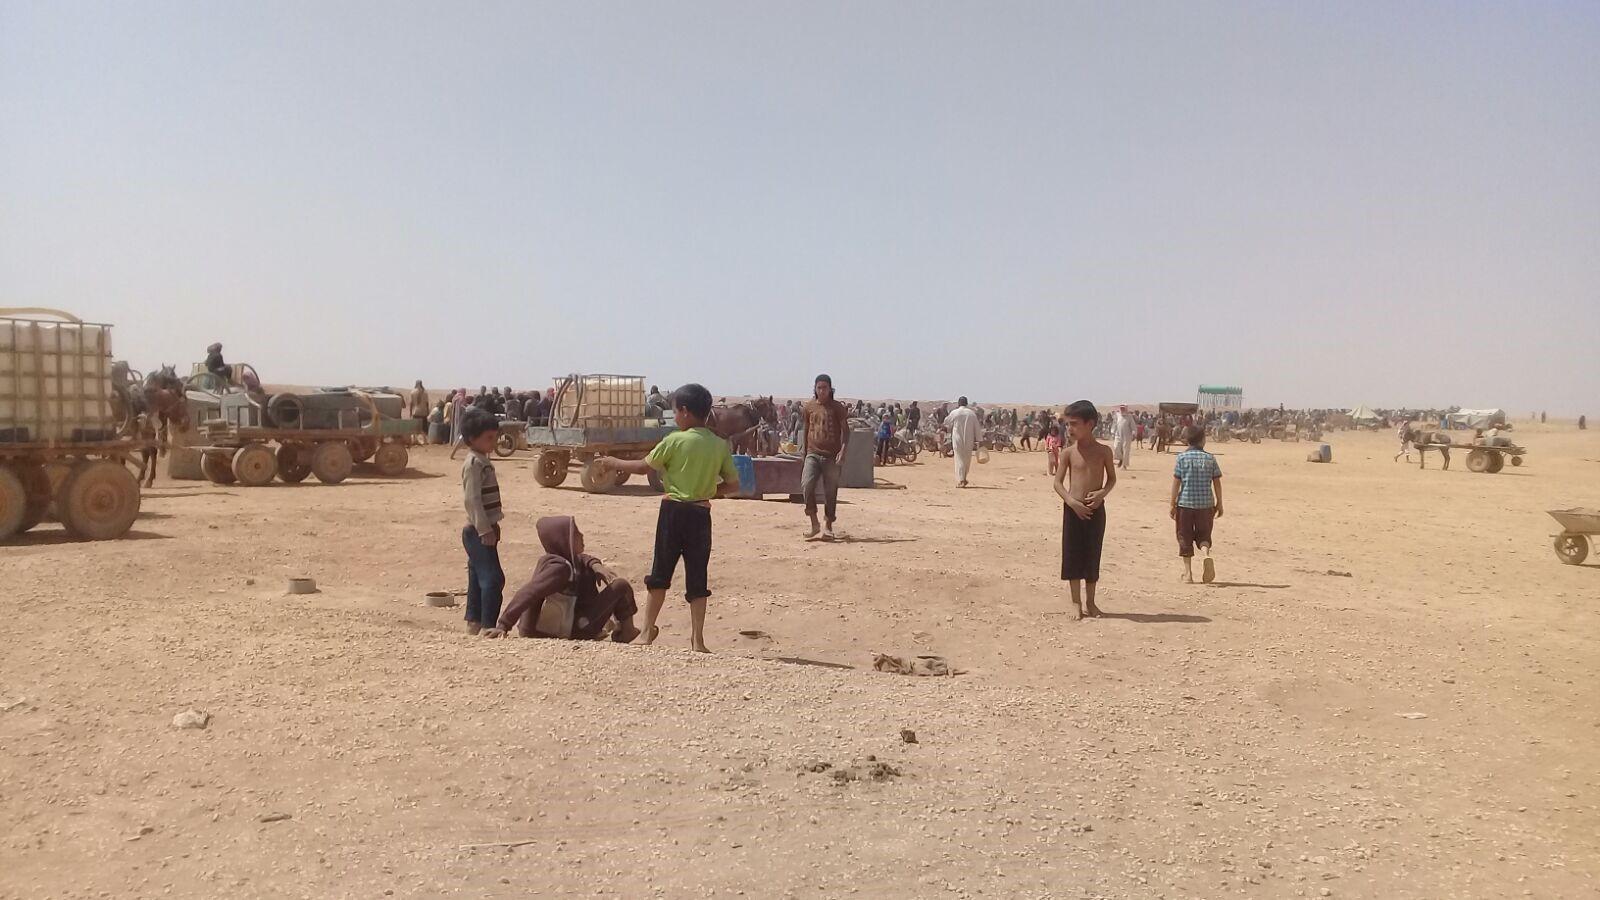 نقطة تجمع اللاجئين في منطقة توزيع المياه جنوبي مخيم الركبان (003)